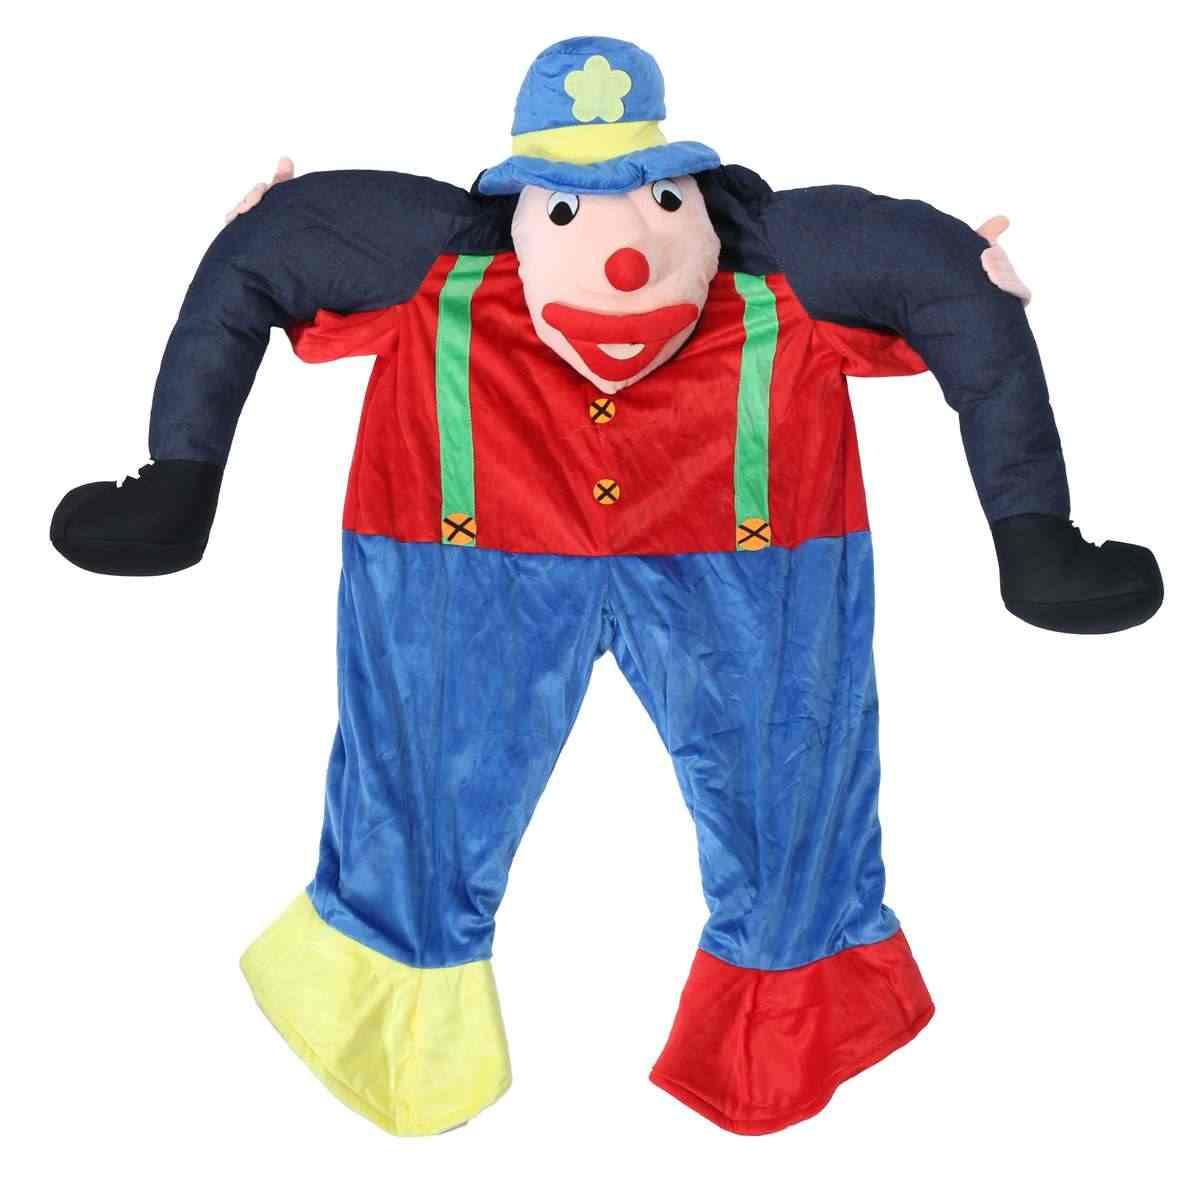 Oso de Halloween orangután cerdo relleno llevar de vuelta paseo en mascota de lujo vestido de fiesta traje de adulto para llevar pantalones